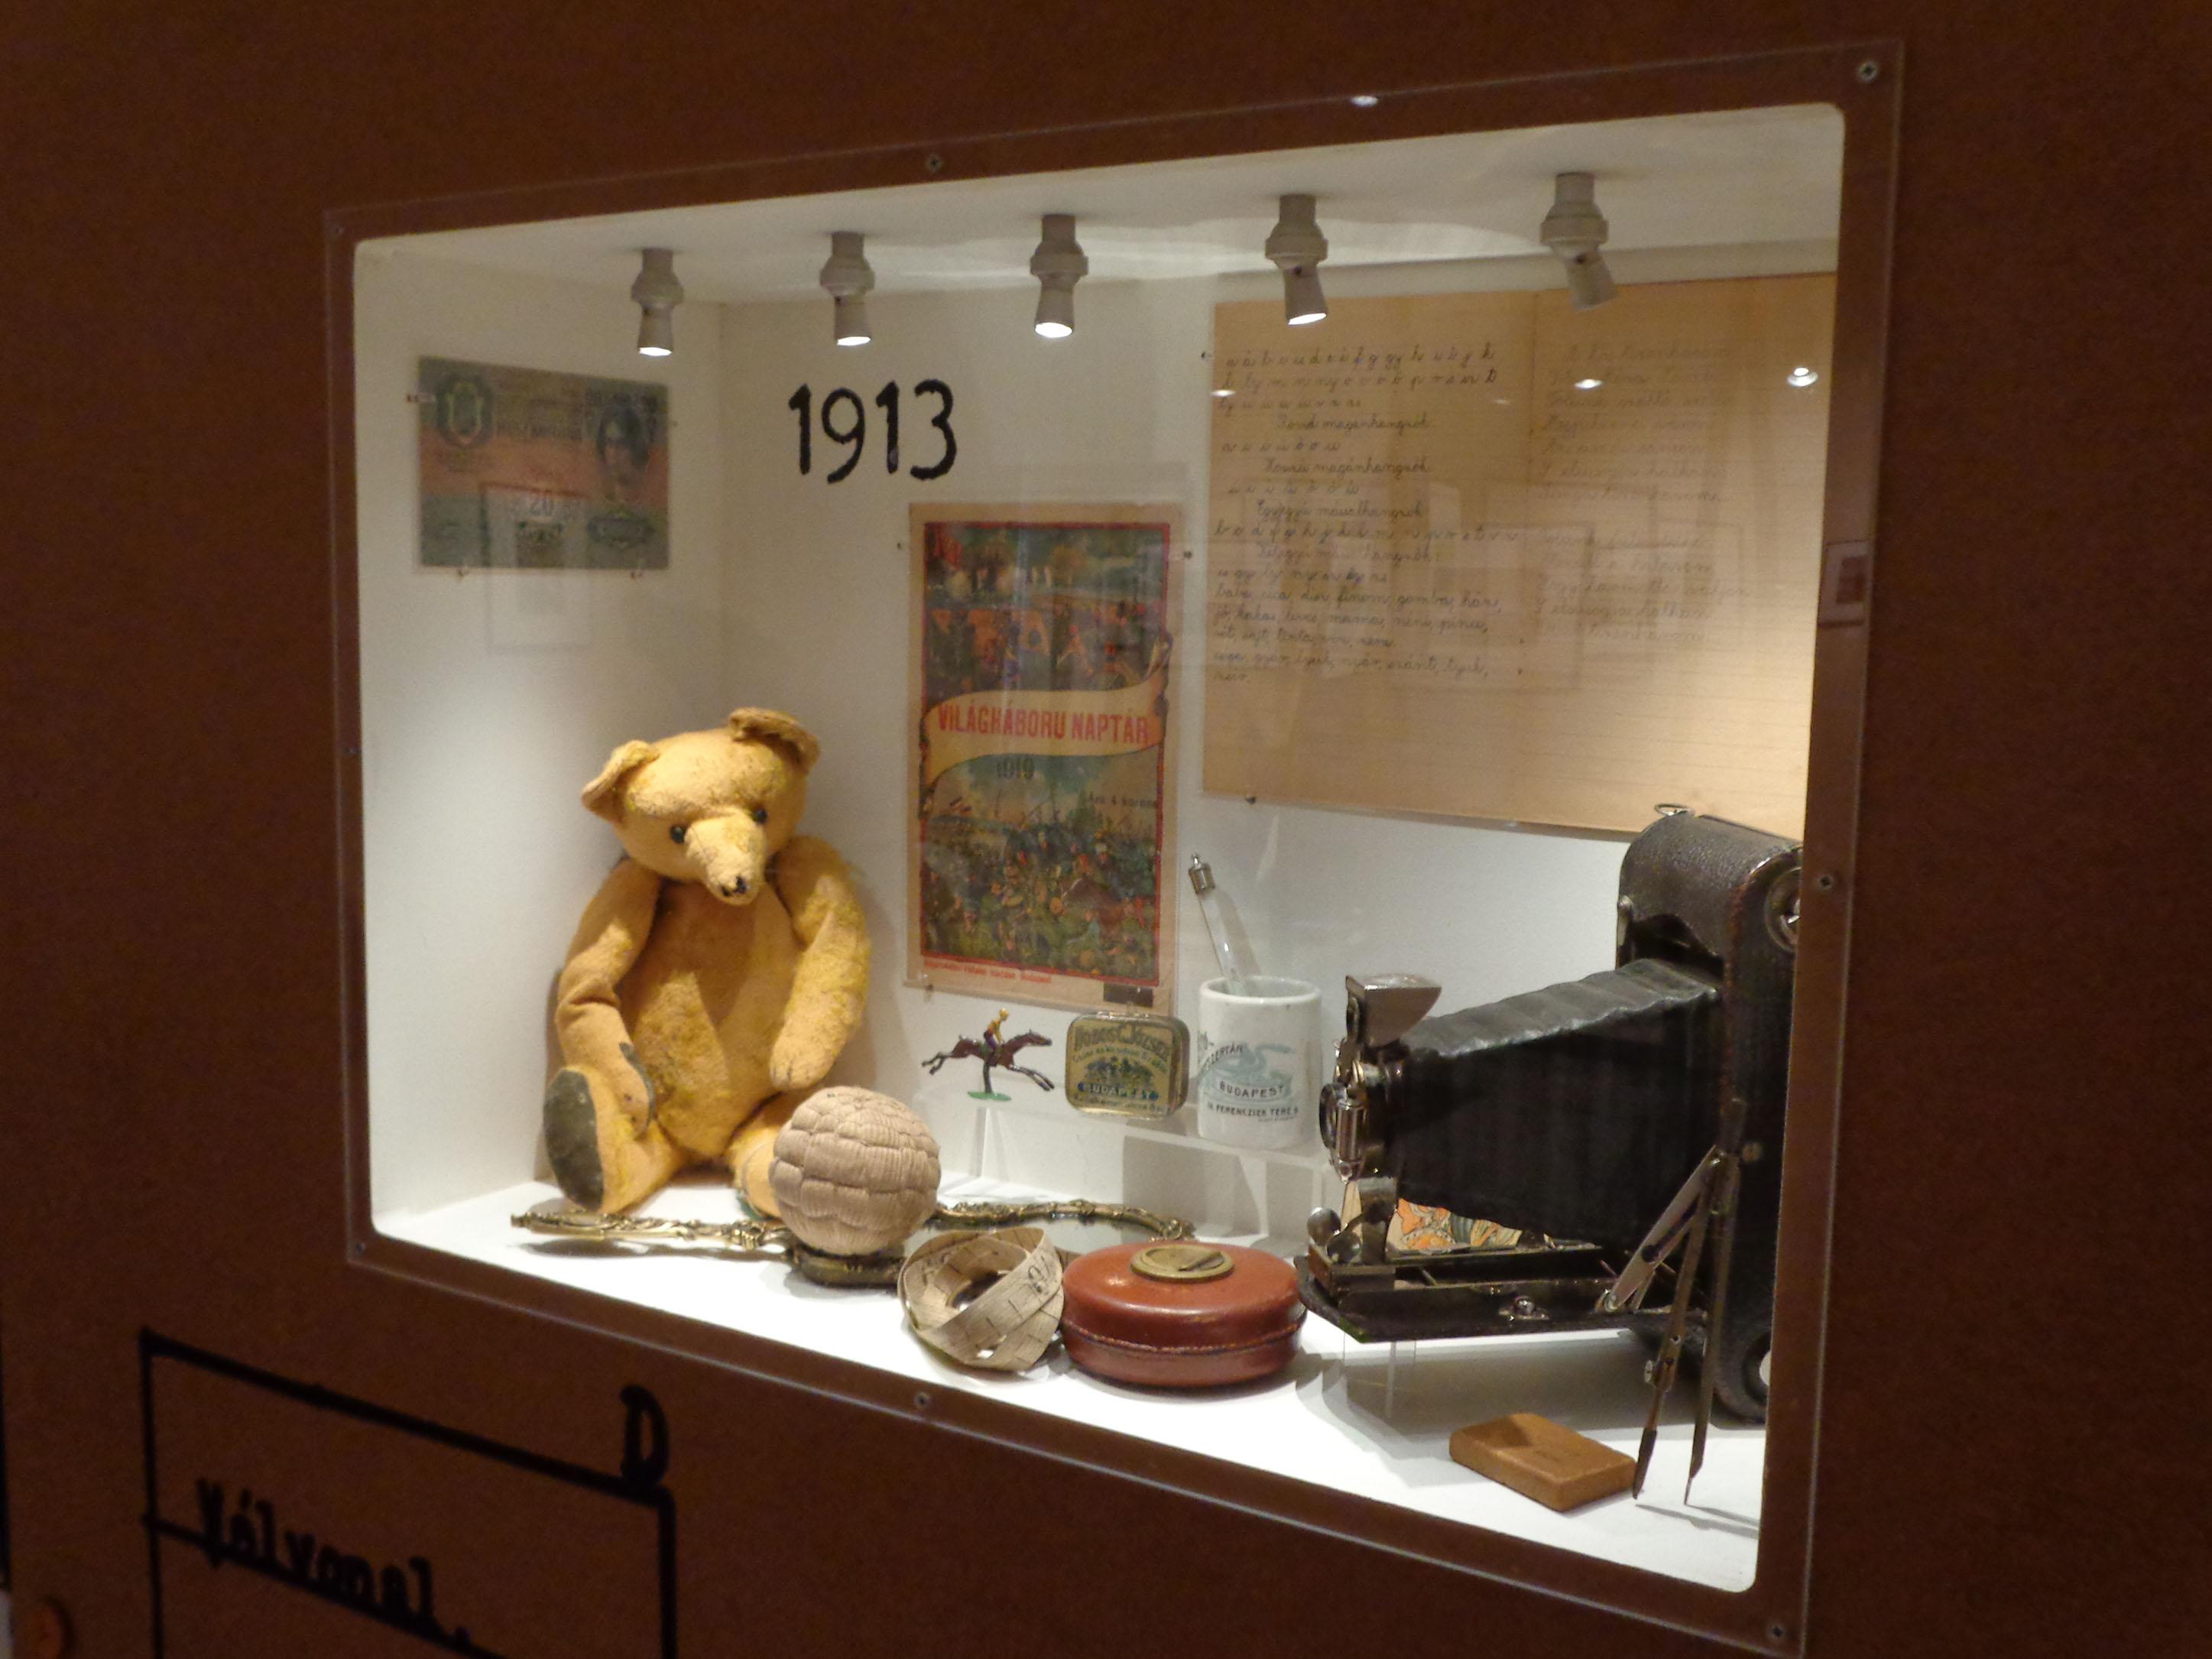 Einige der Objekte in der Ausstellung: Woher allerdings der Bär, die Kamera und der Kalender stammen, erfährt der Besucher nicht.